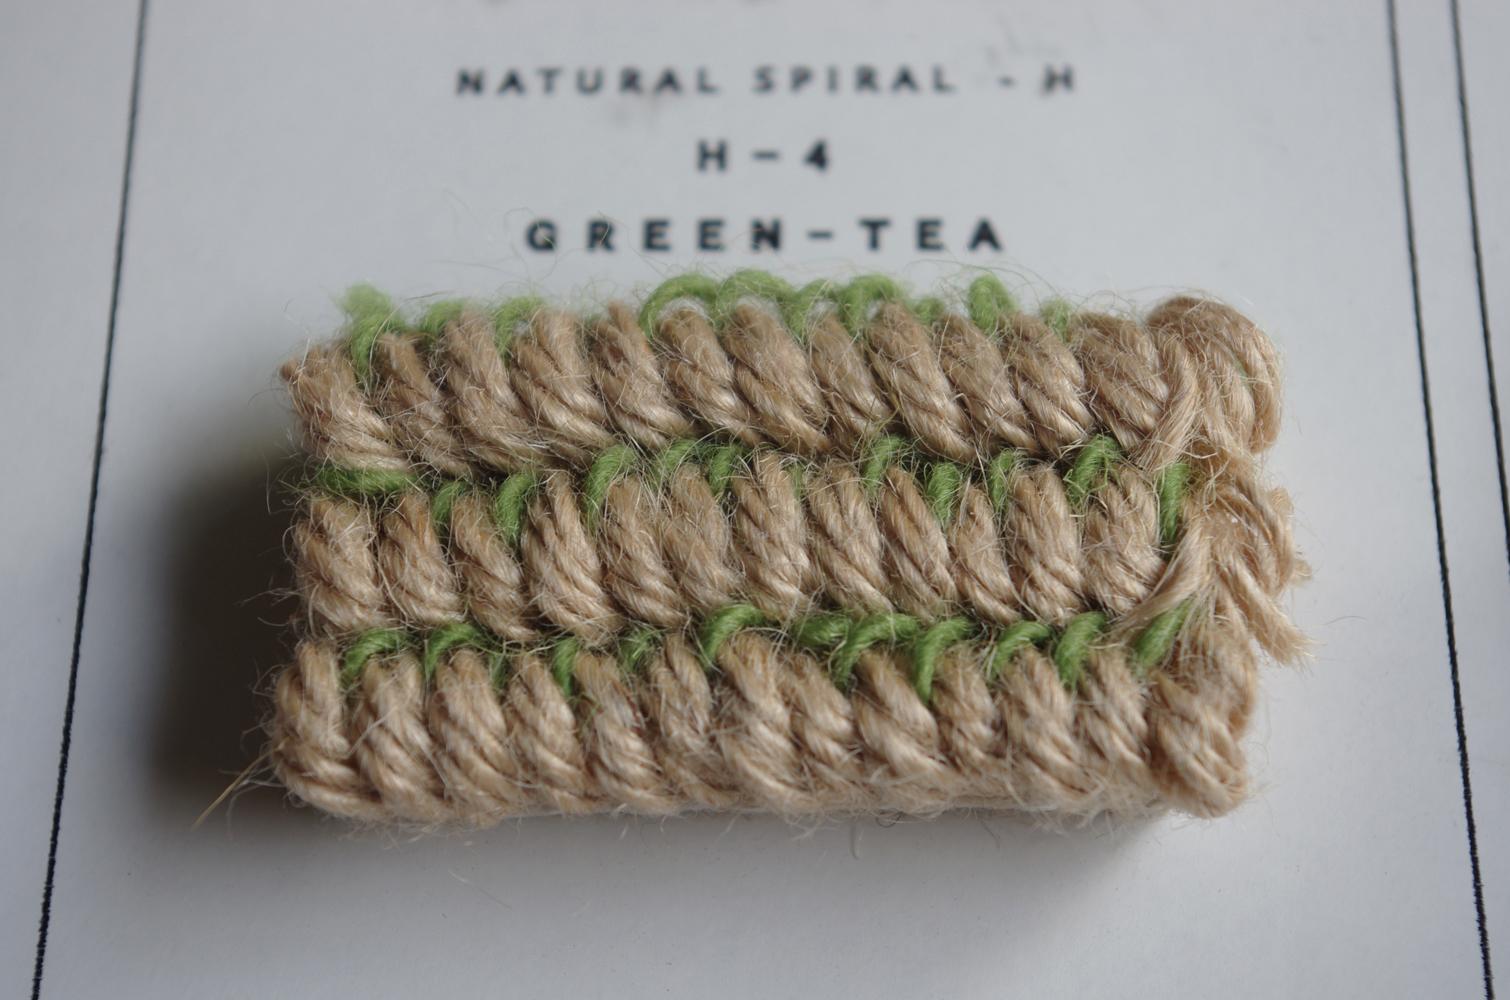 h-4-green-teah